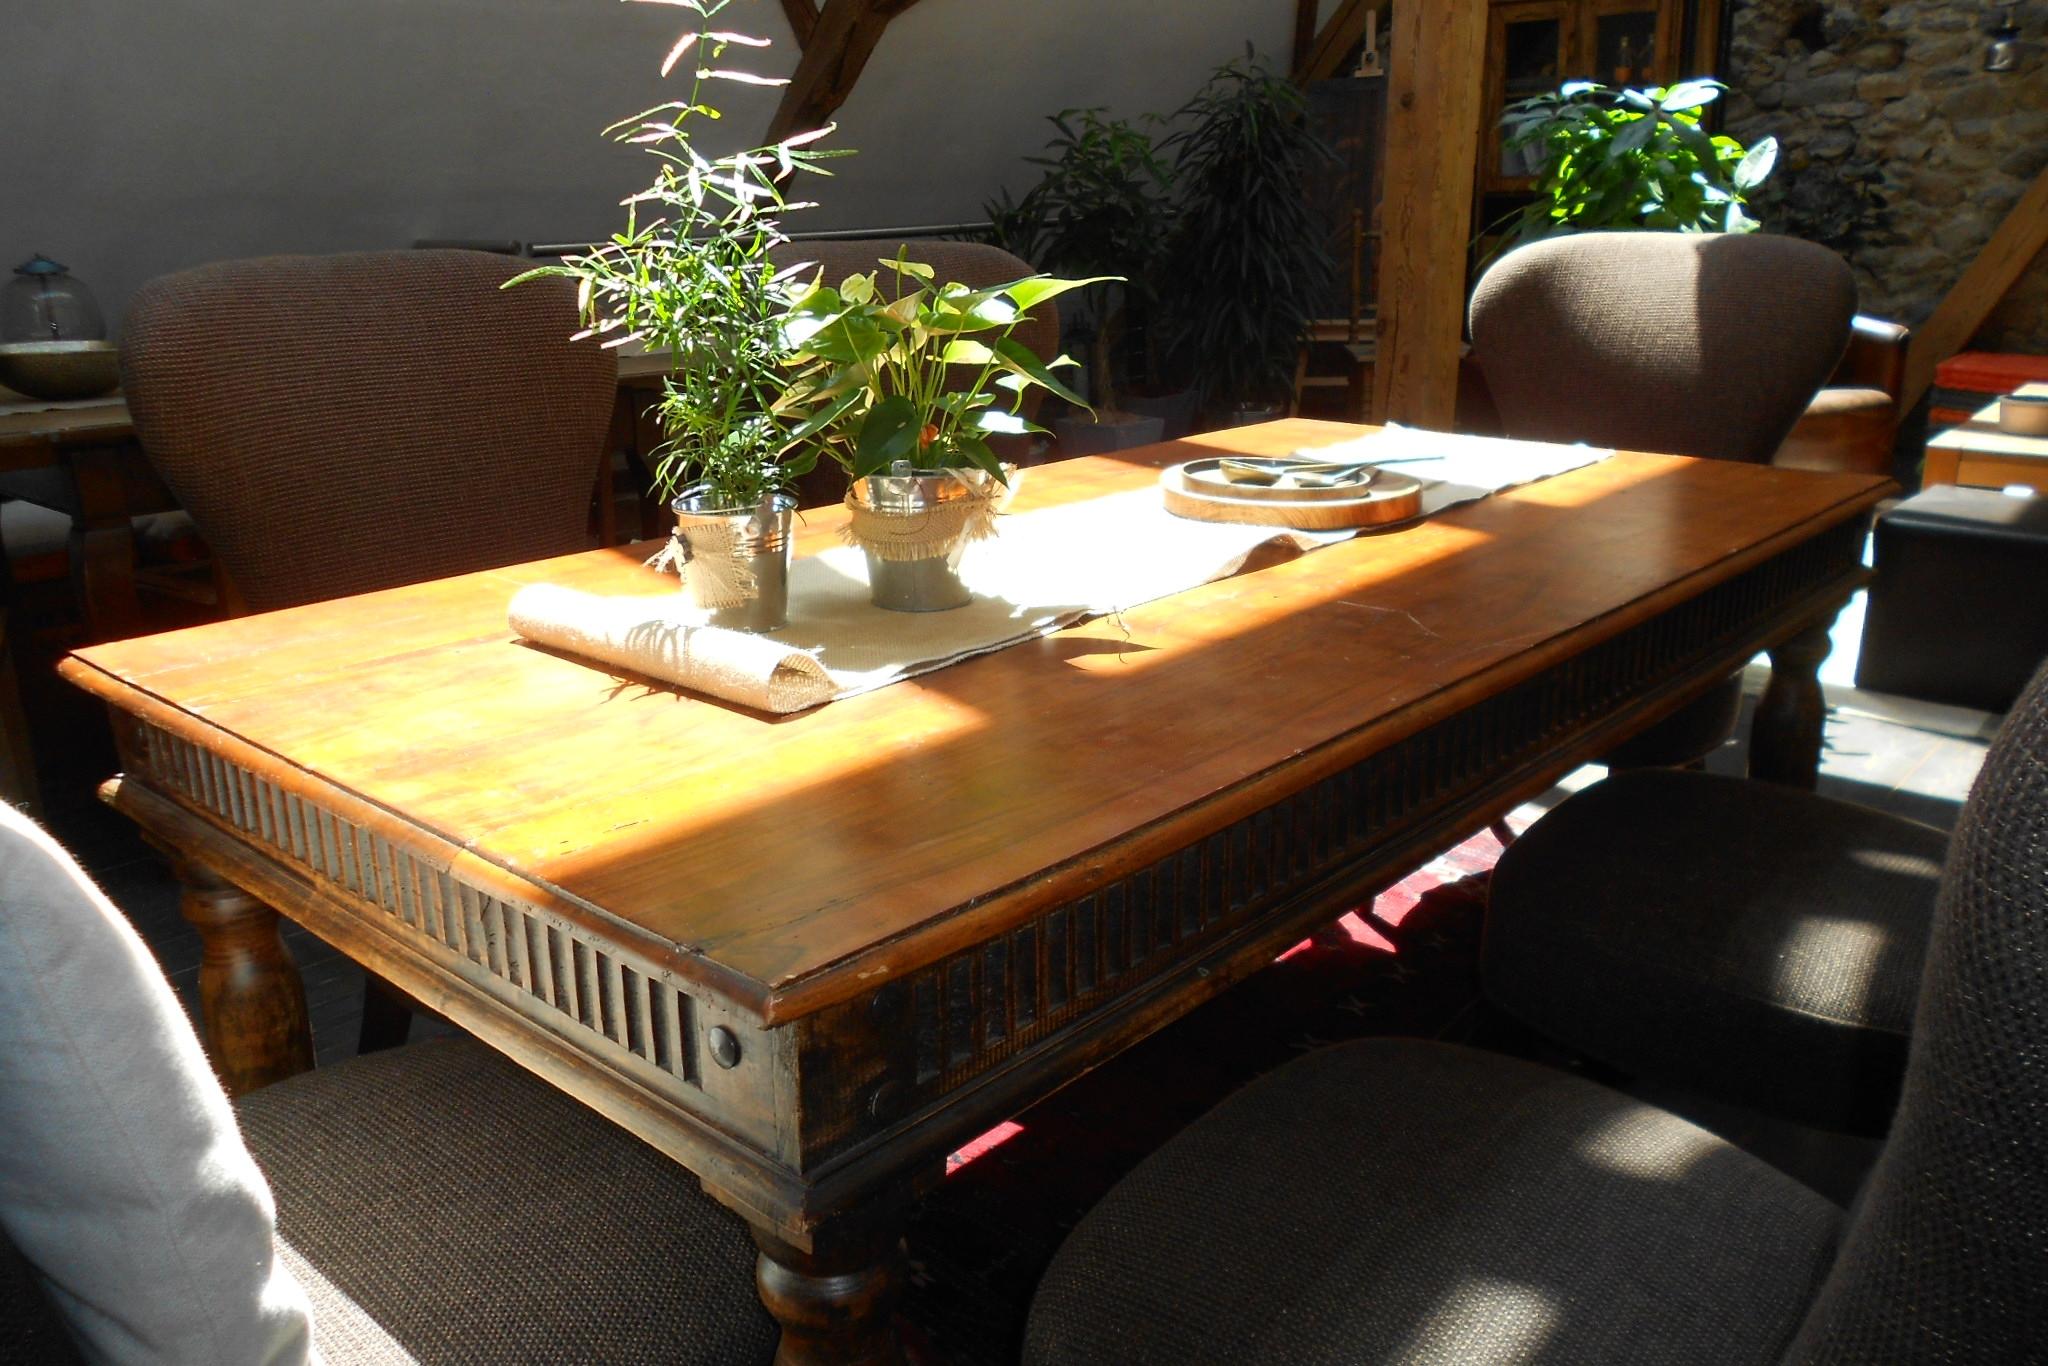 Tische 094023 . 1 Stk. / Stühle 094053